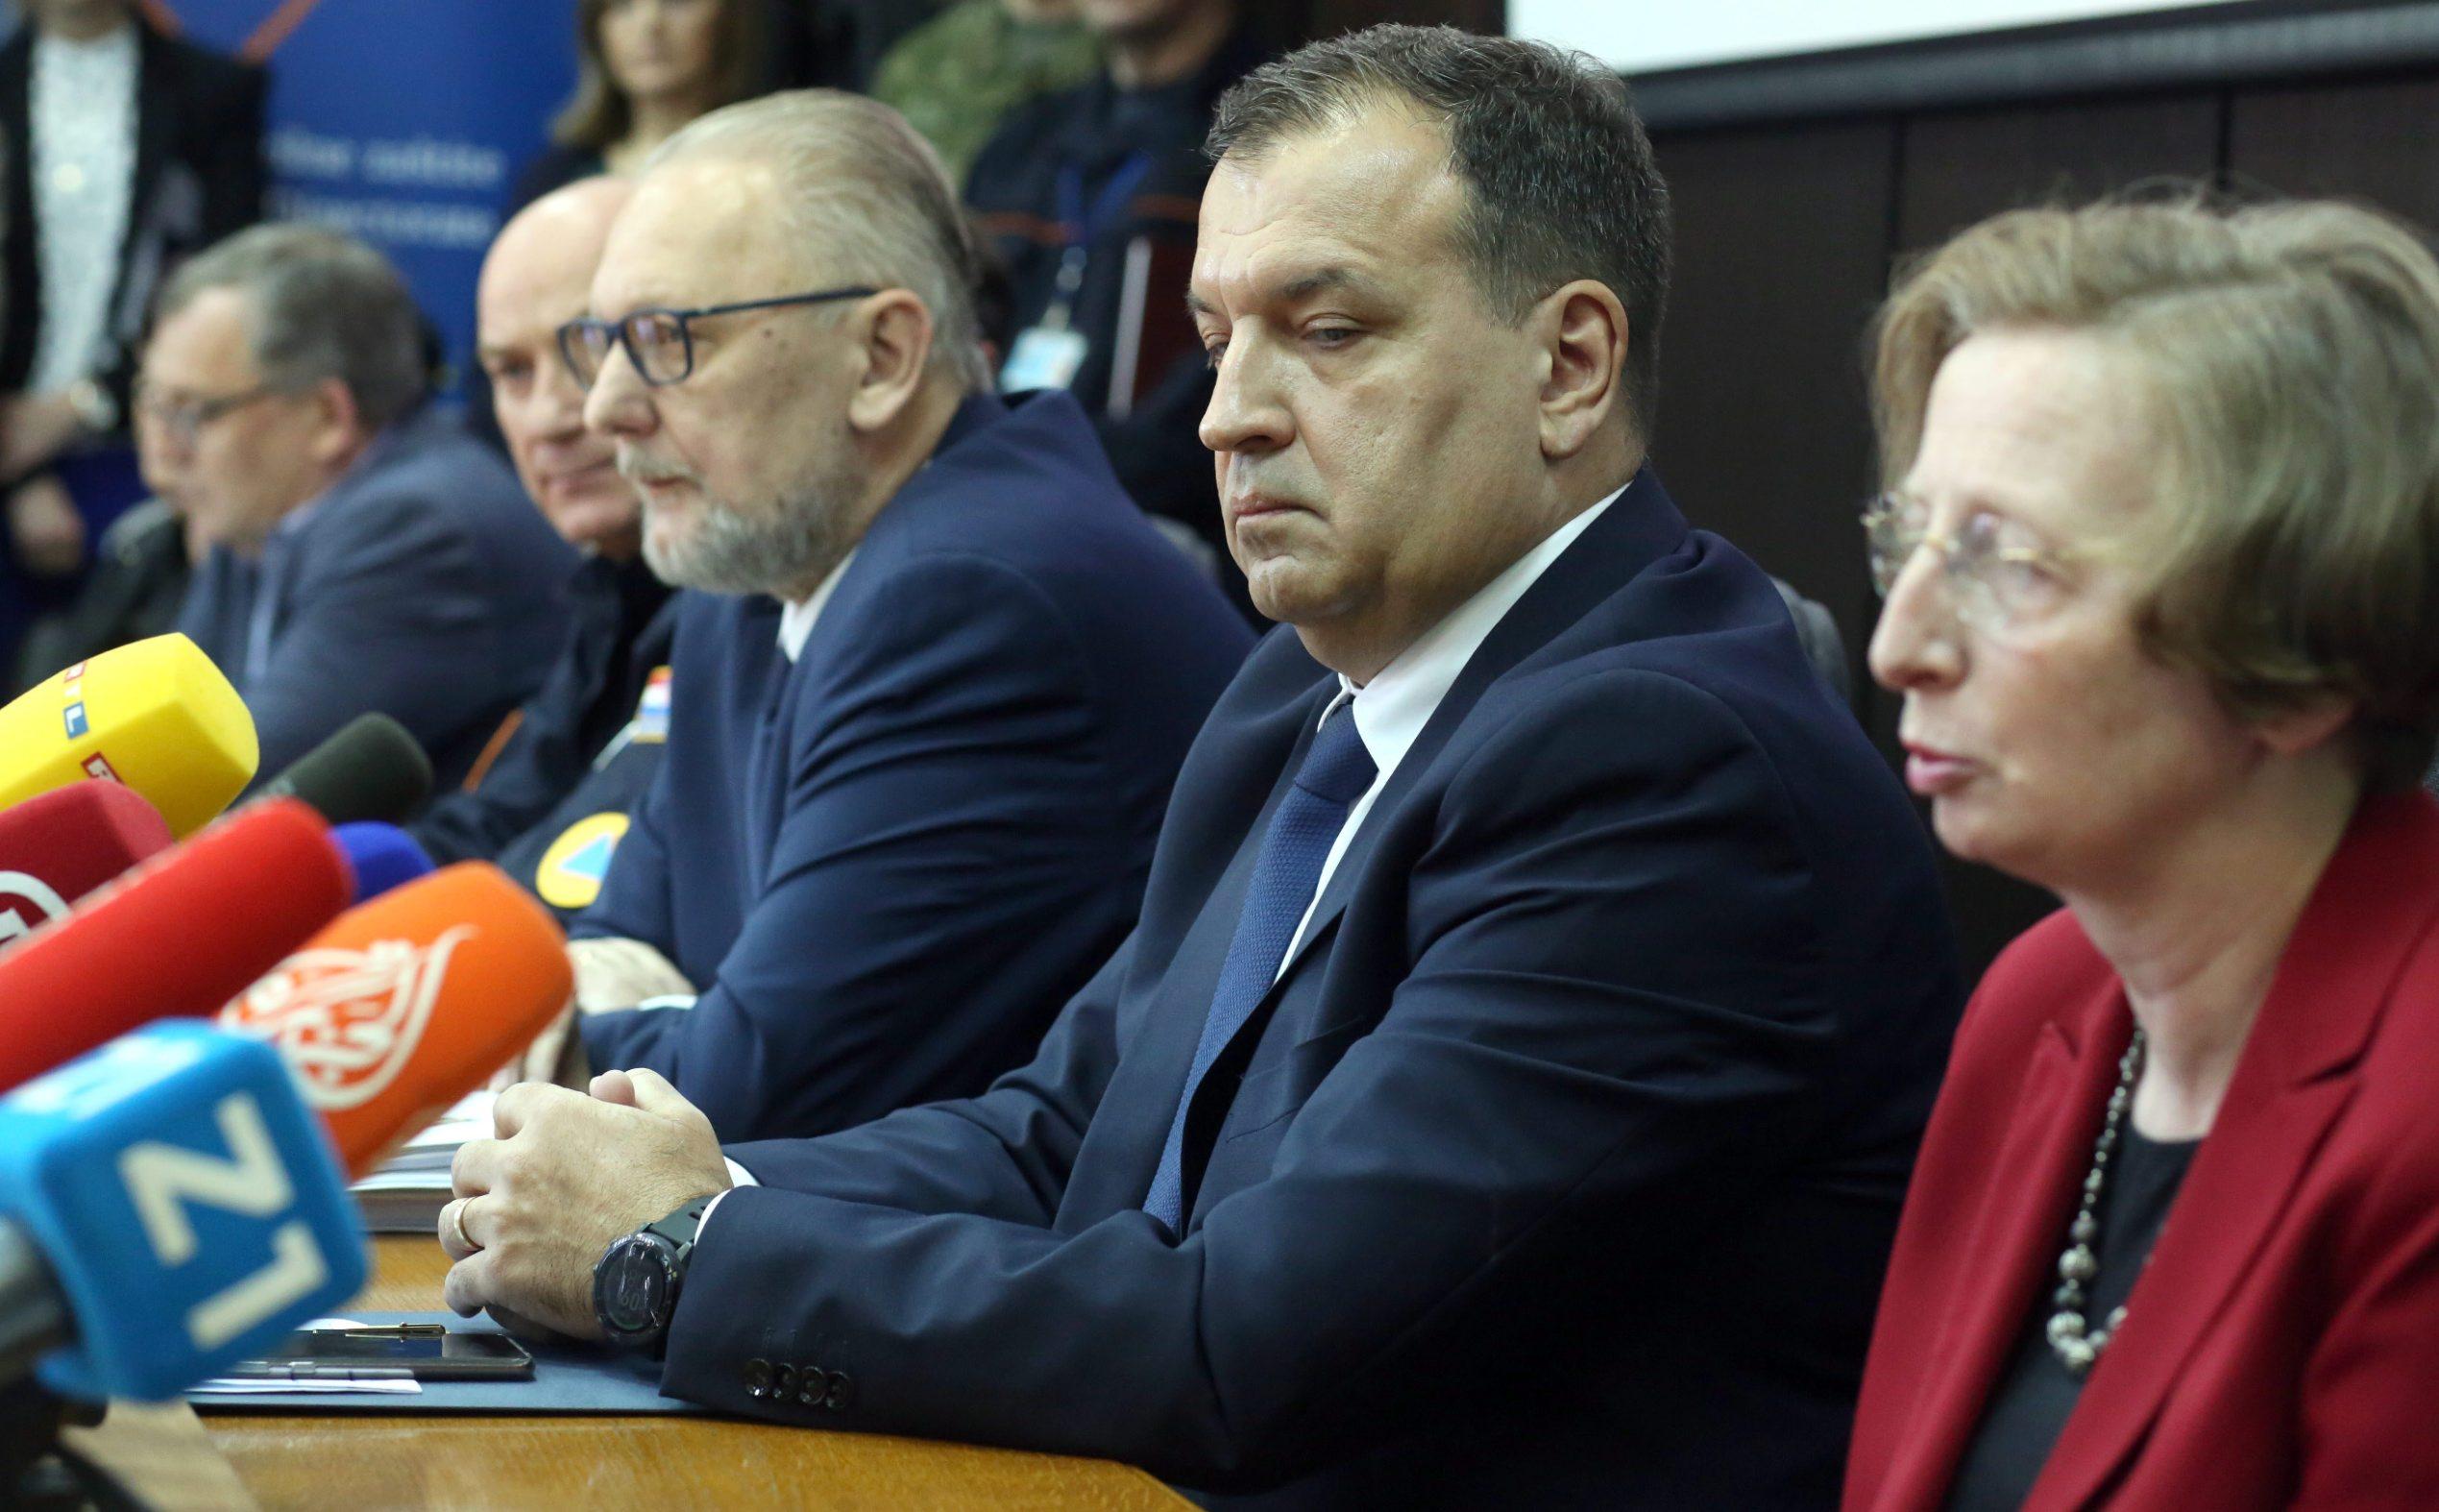 Davor Božinović, Vili Beroš, Alemka Markotić